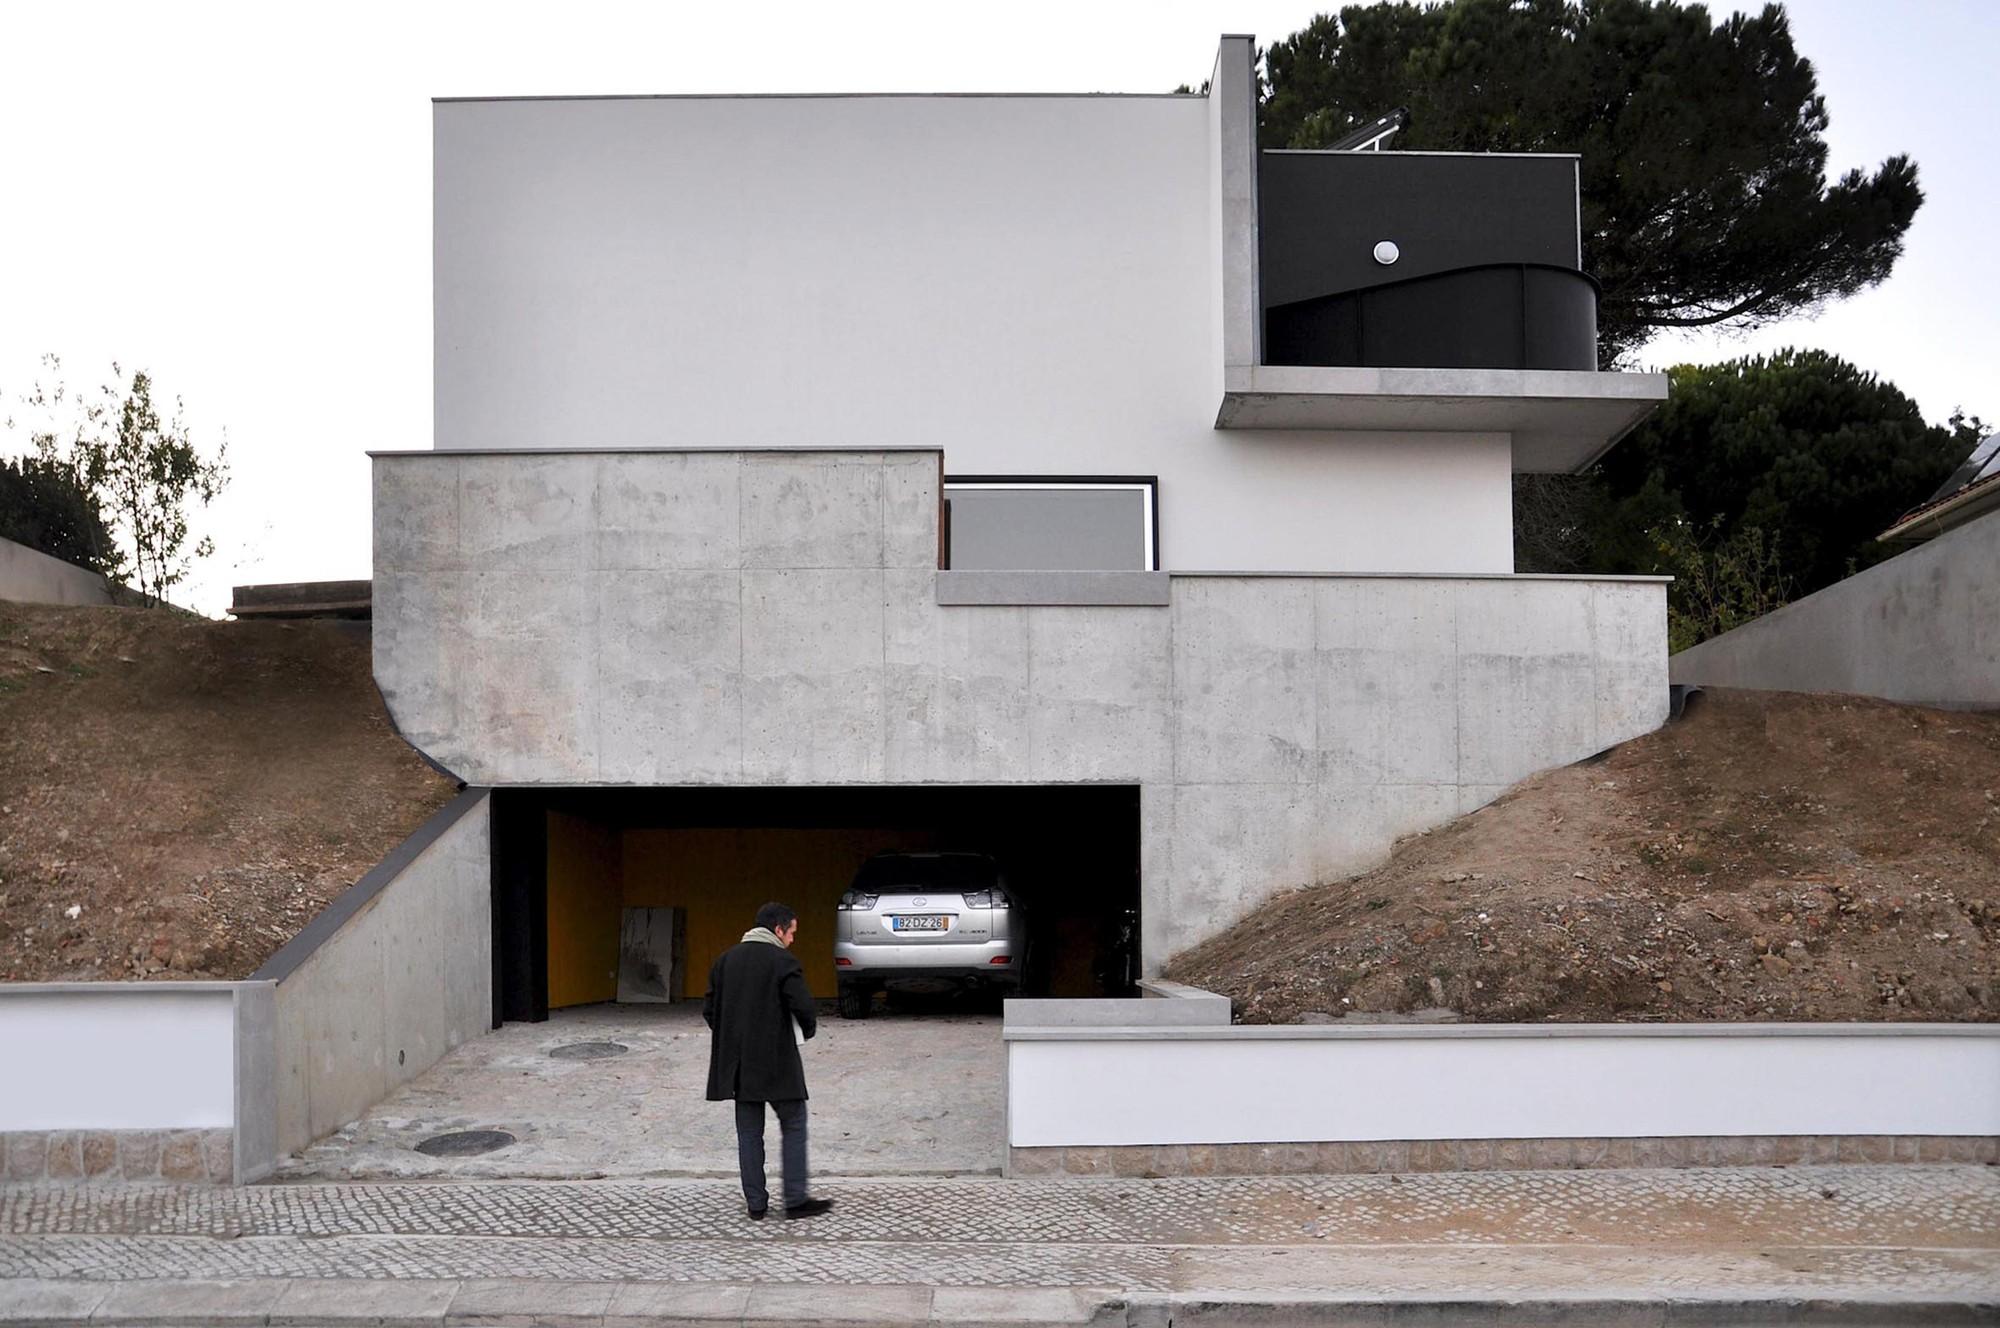 House Rehabilitation in Oreiras / Ventura Trindade Arquitectos, Courtesy of Ventura Trindade Arquitectos